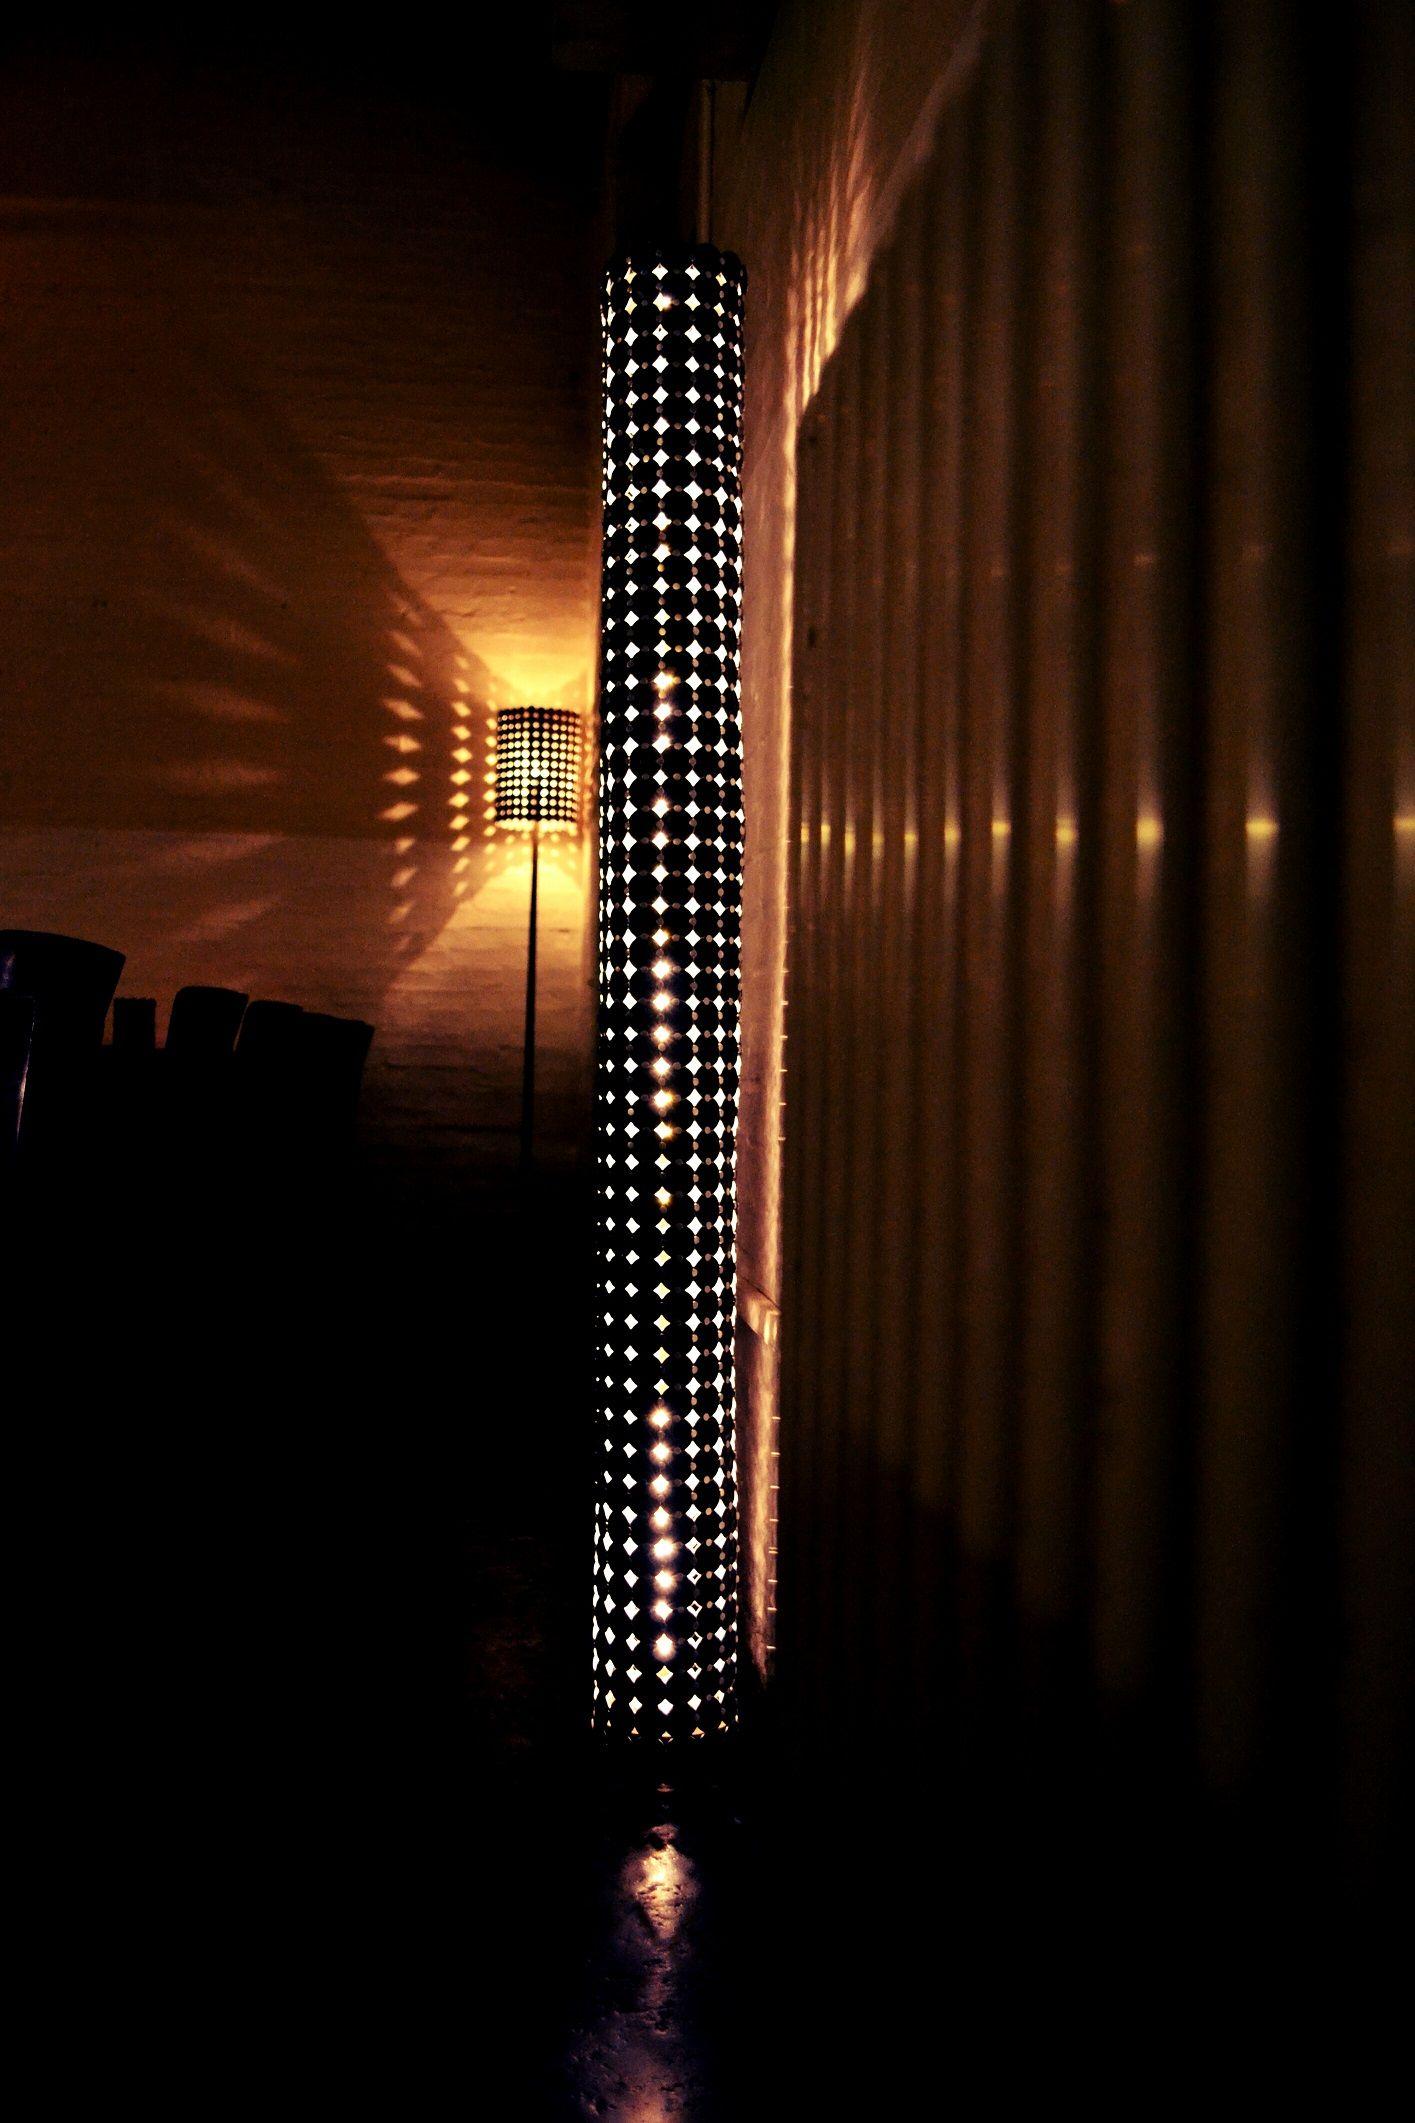 Restaurant Lagerhaus Slimqueen 2mol Leuchten Nespressoart 800kapseln Bremsscheibe Candle Lanterns Lamp Light Art